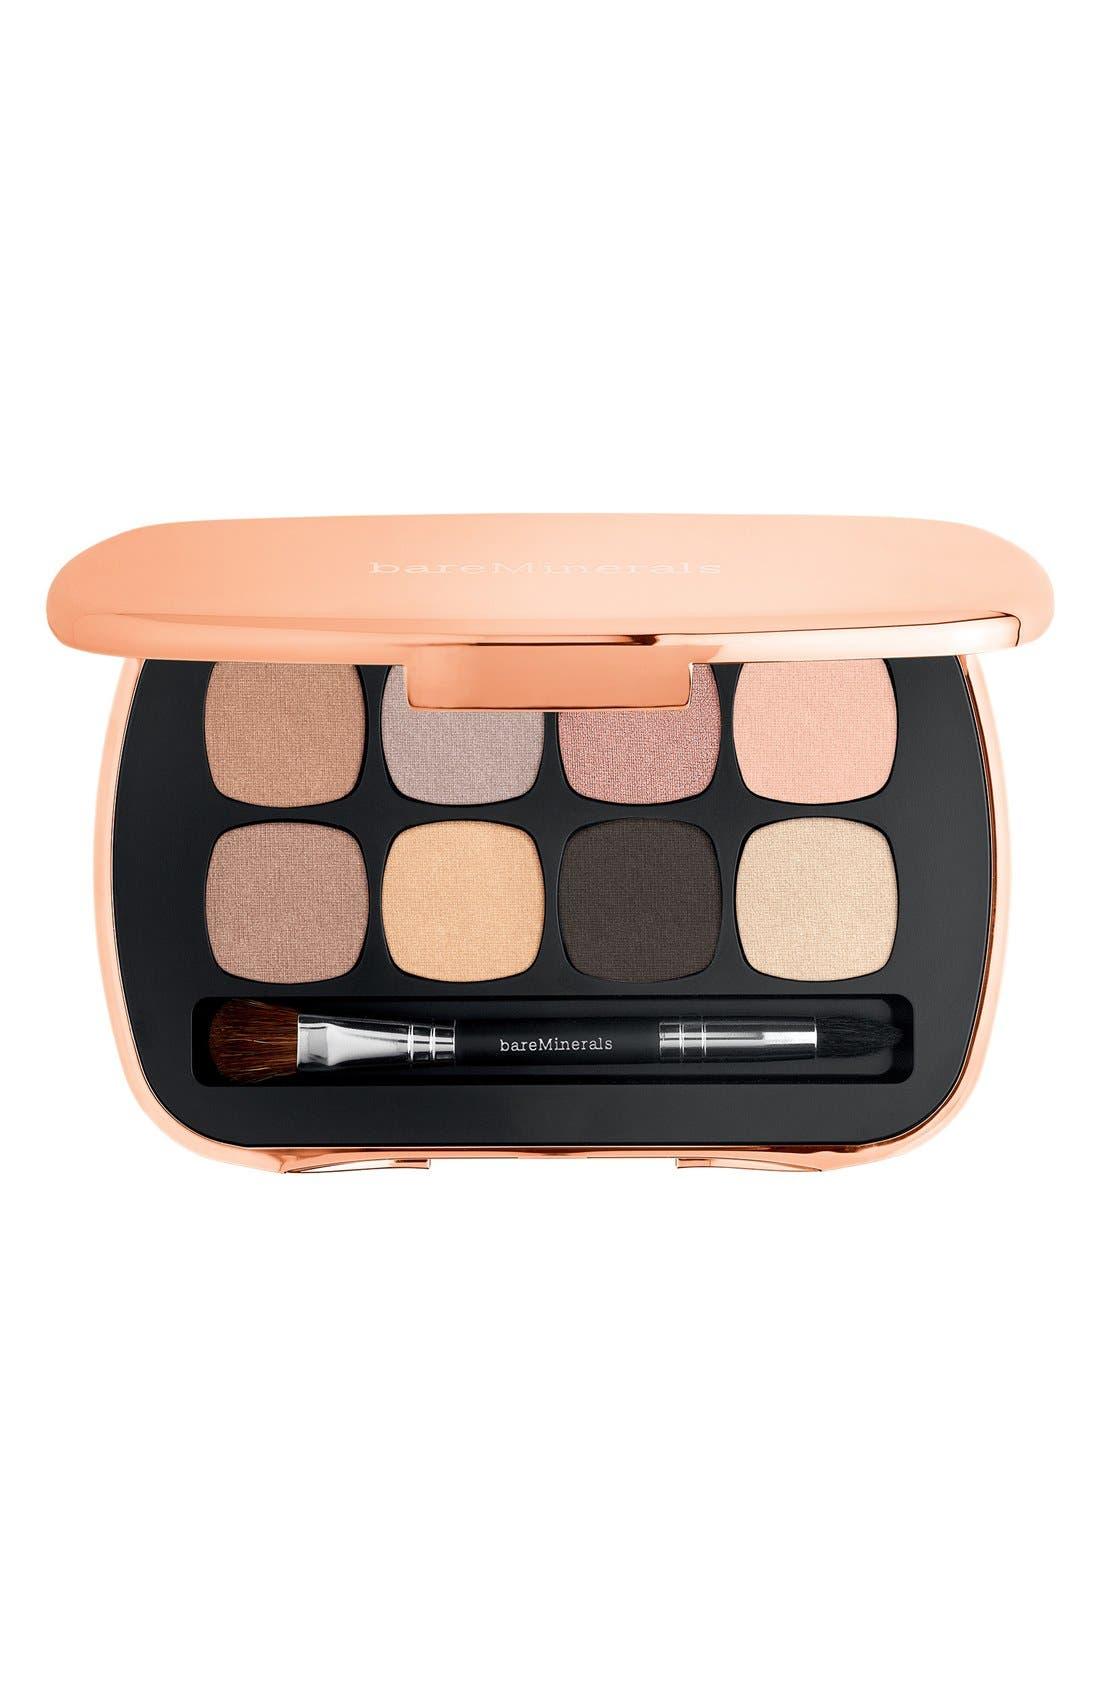 bareMinerals® READY 8.0 The Sexy Neutrals Eyeshadow Palette